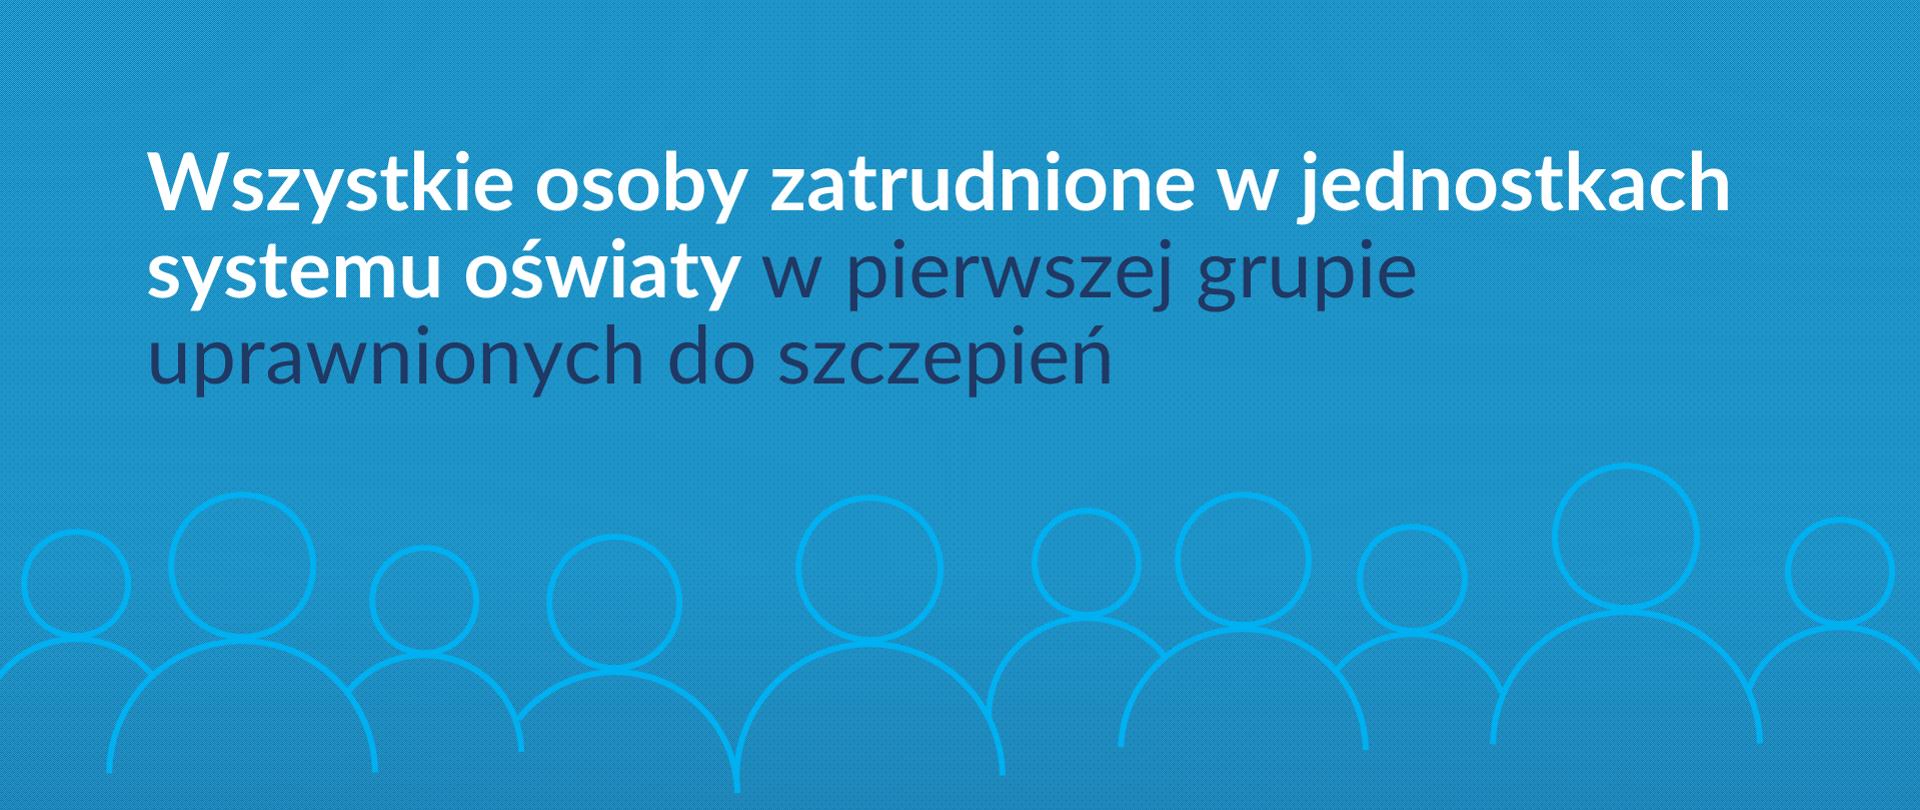 Błękitna grafika z tekstem: Wszystkie osoby zatrudnione w jednostkach systemu oświaty w pierwszej grupie uprawnionych do szczepień